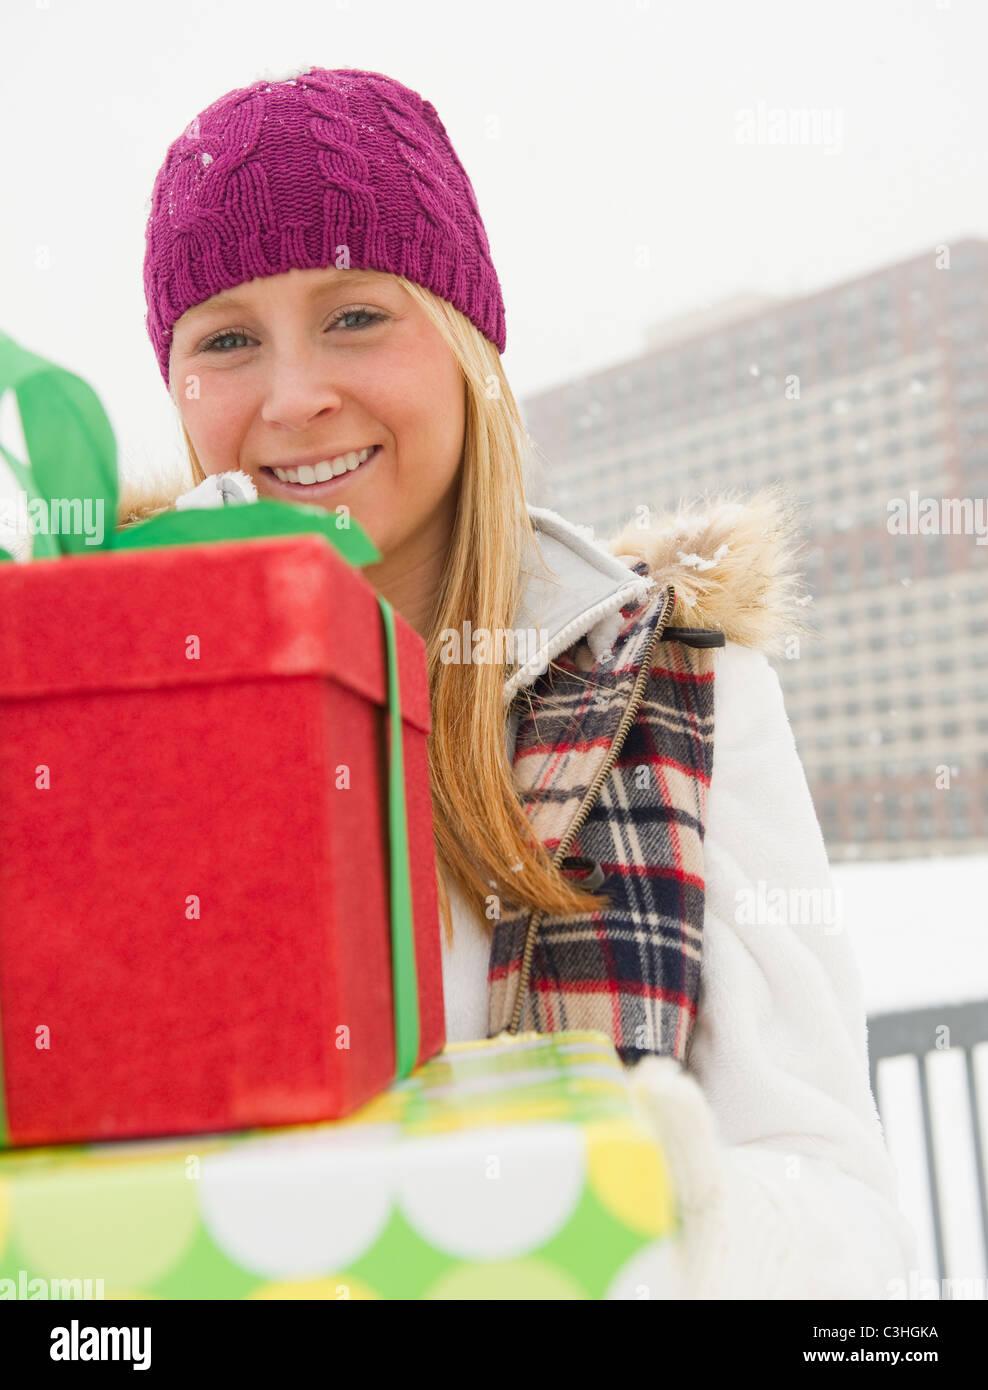 Mujer sosteniendo regalos de Navidad Imagen De Stock